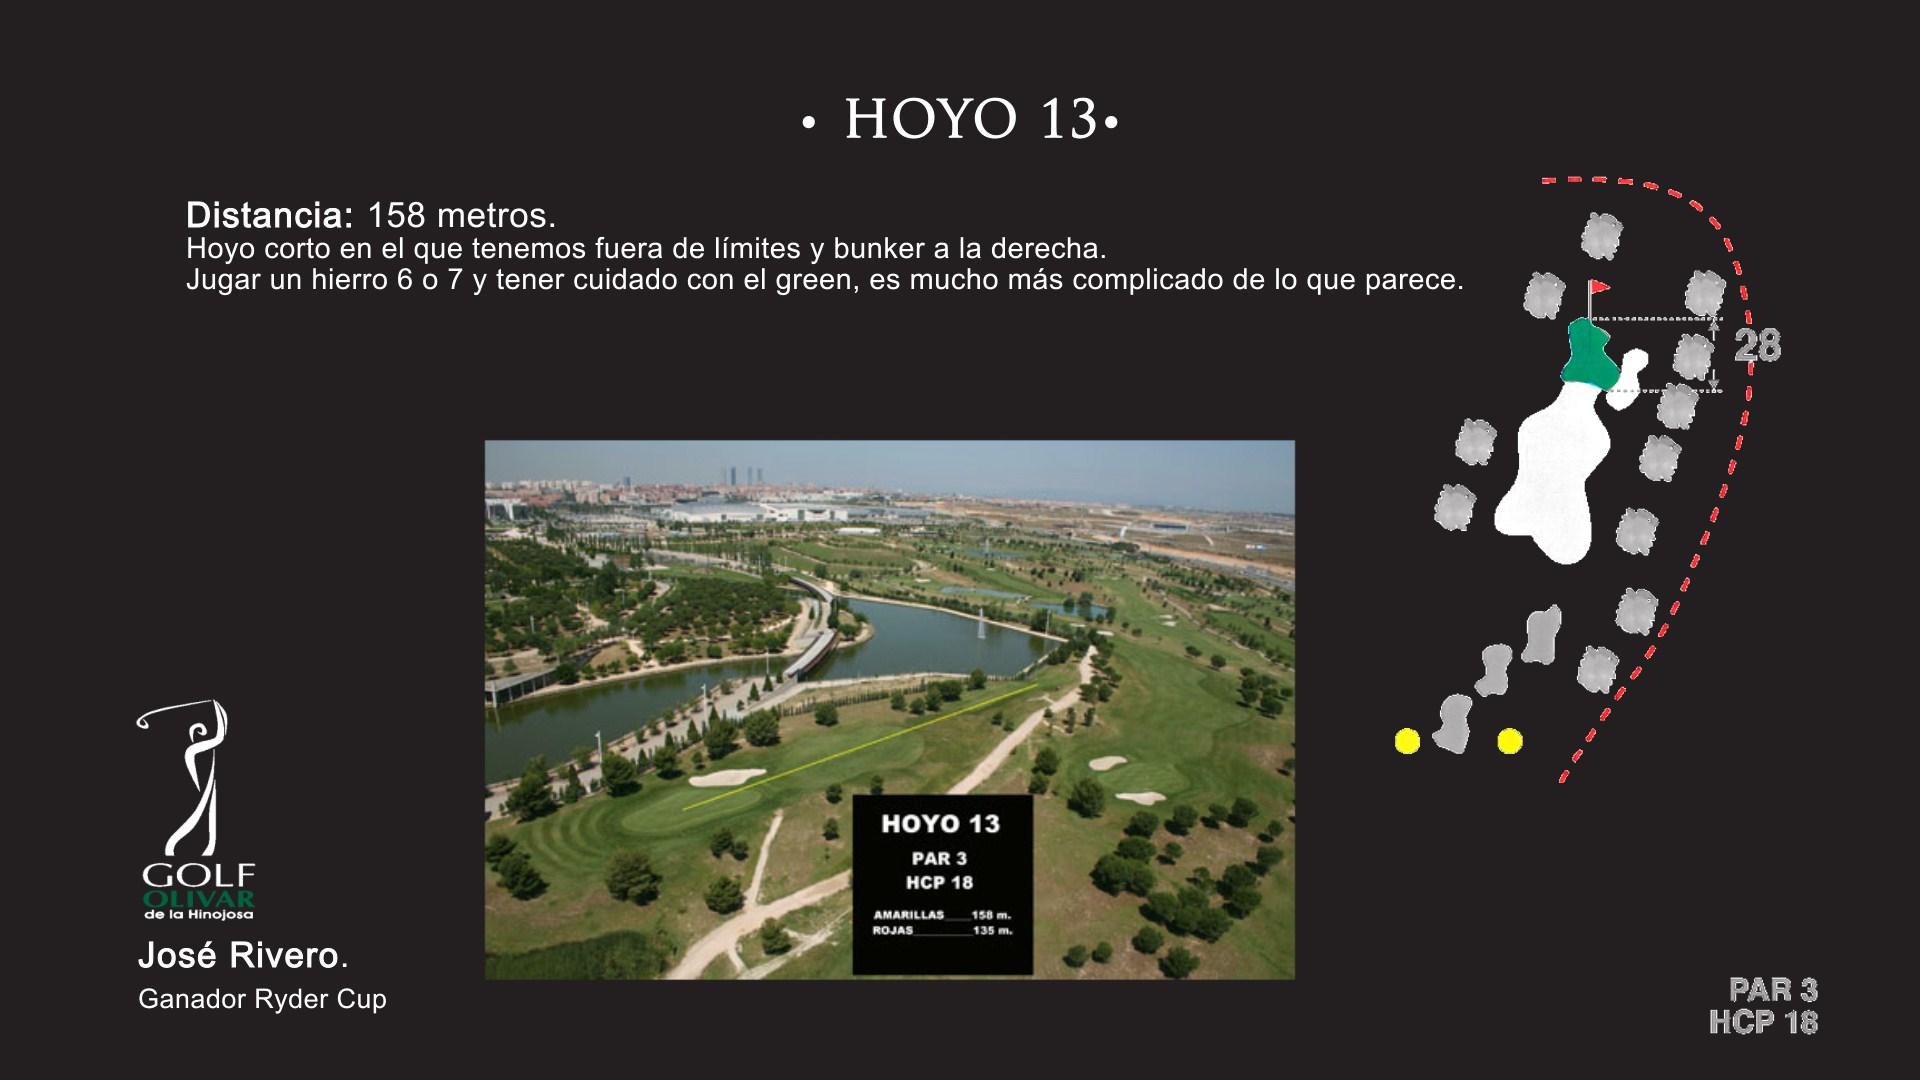 Hoyo 13 Olivar de la Hinojosa